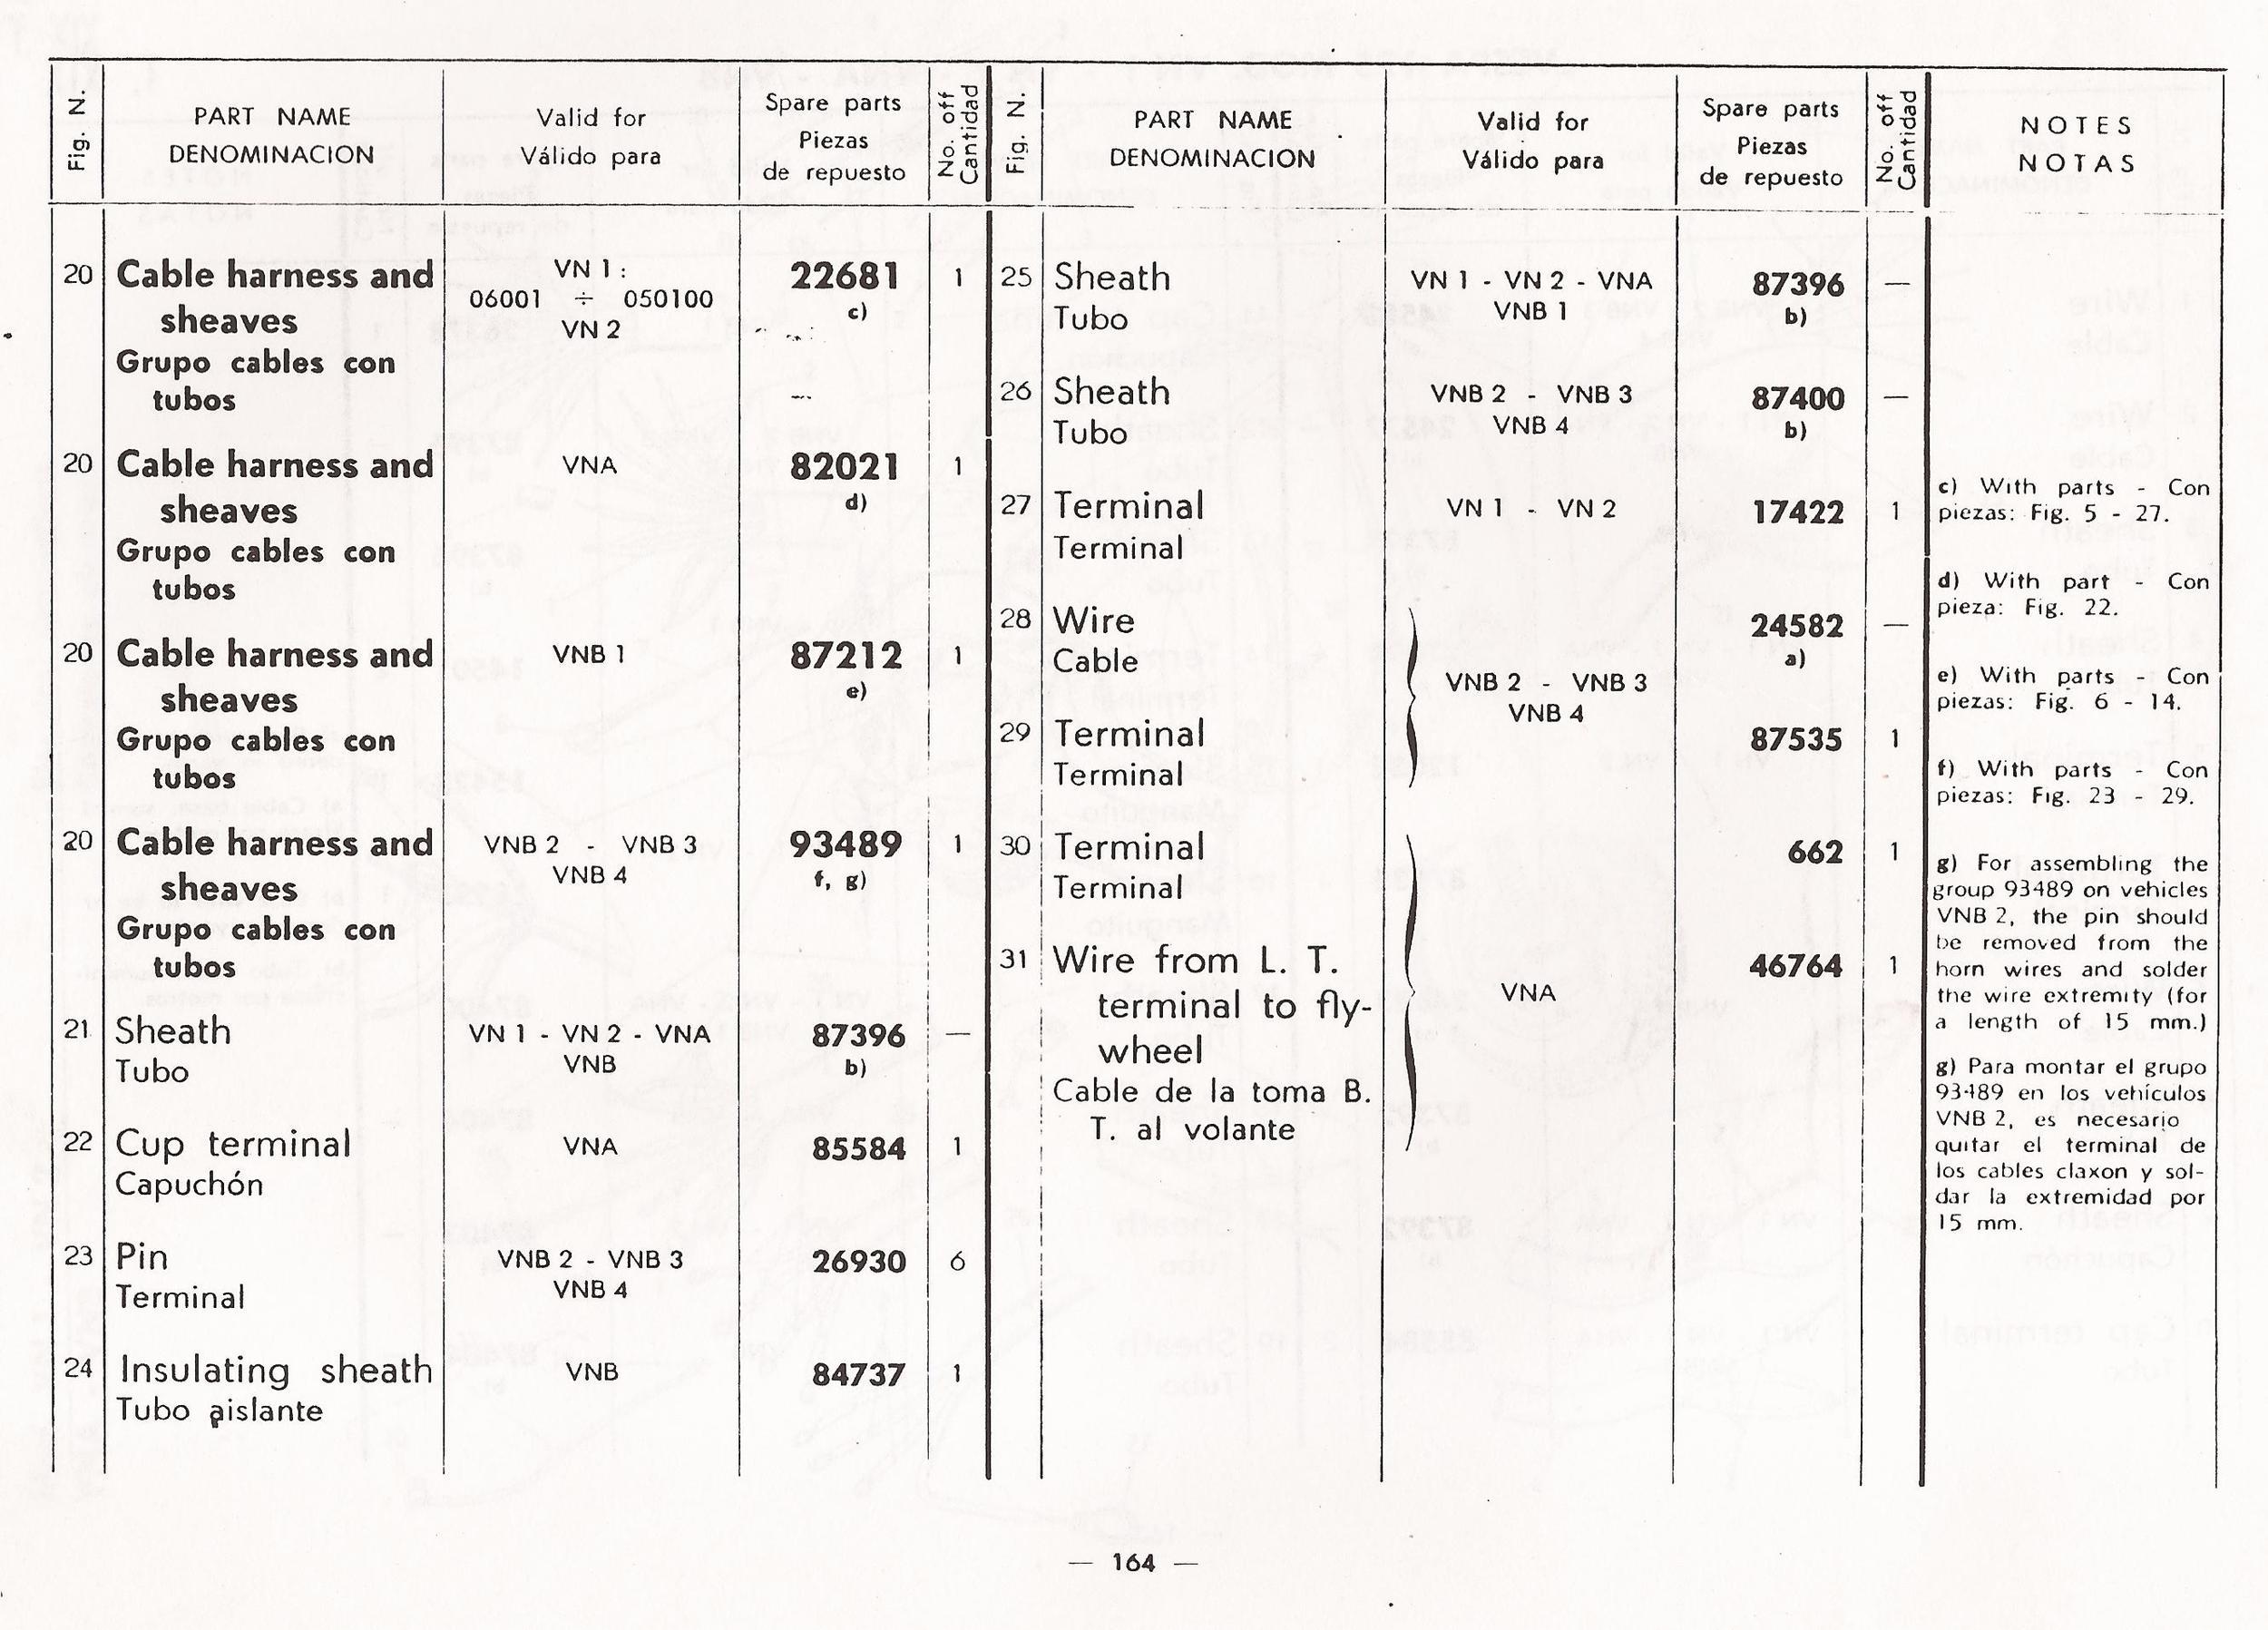 07-16-2013 vespa 125 catalog manuel 174.jpg